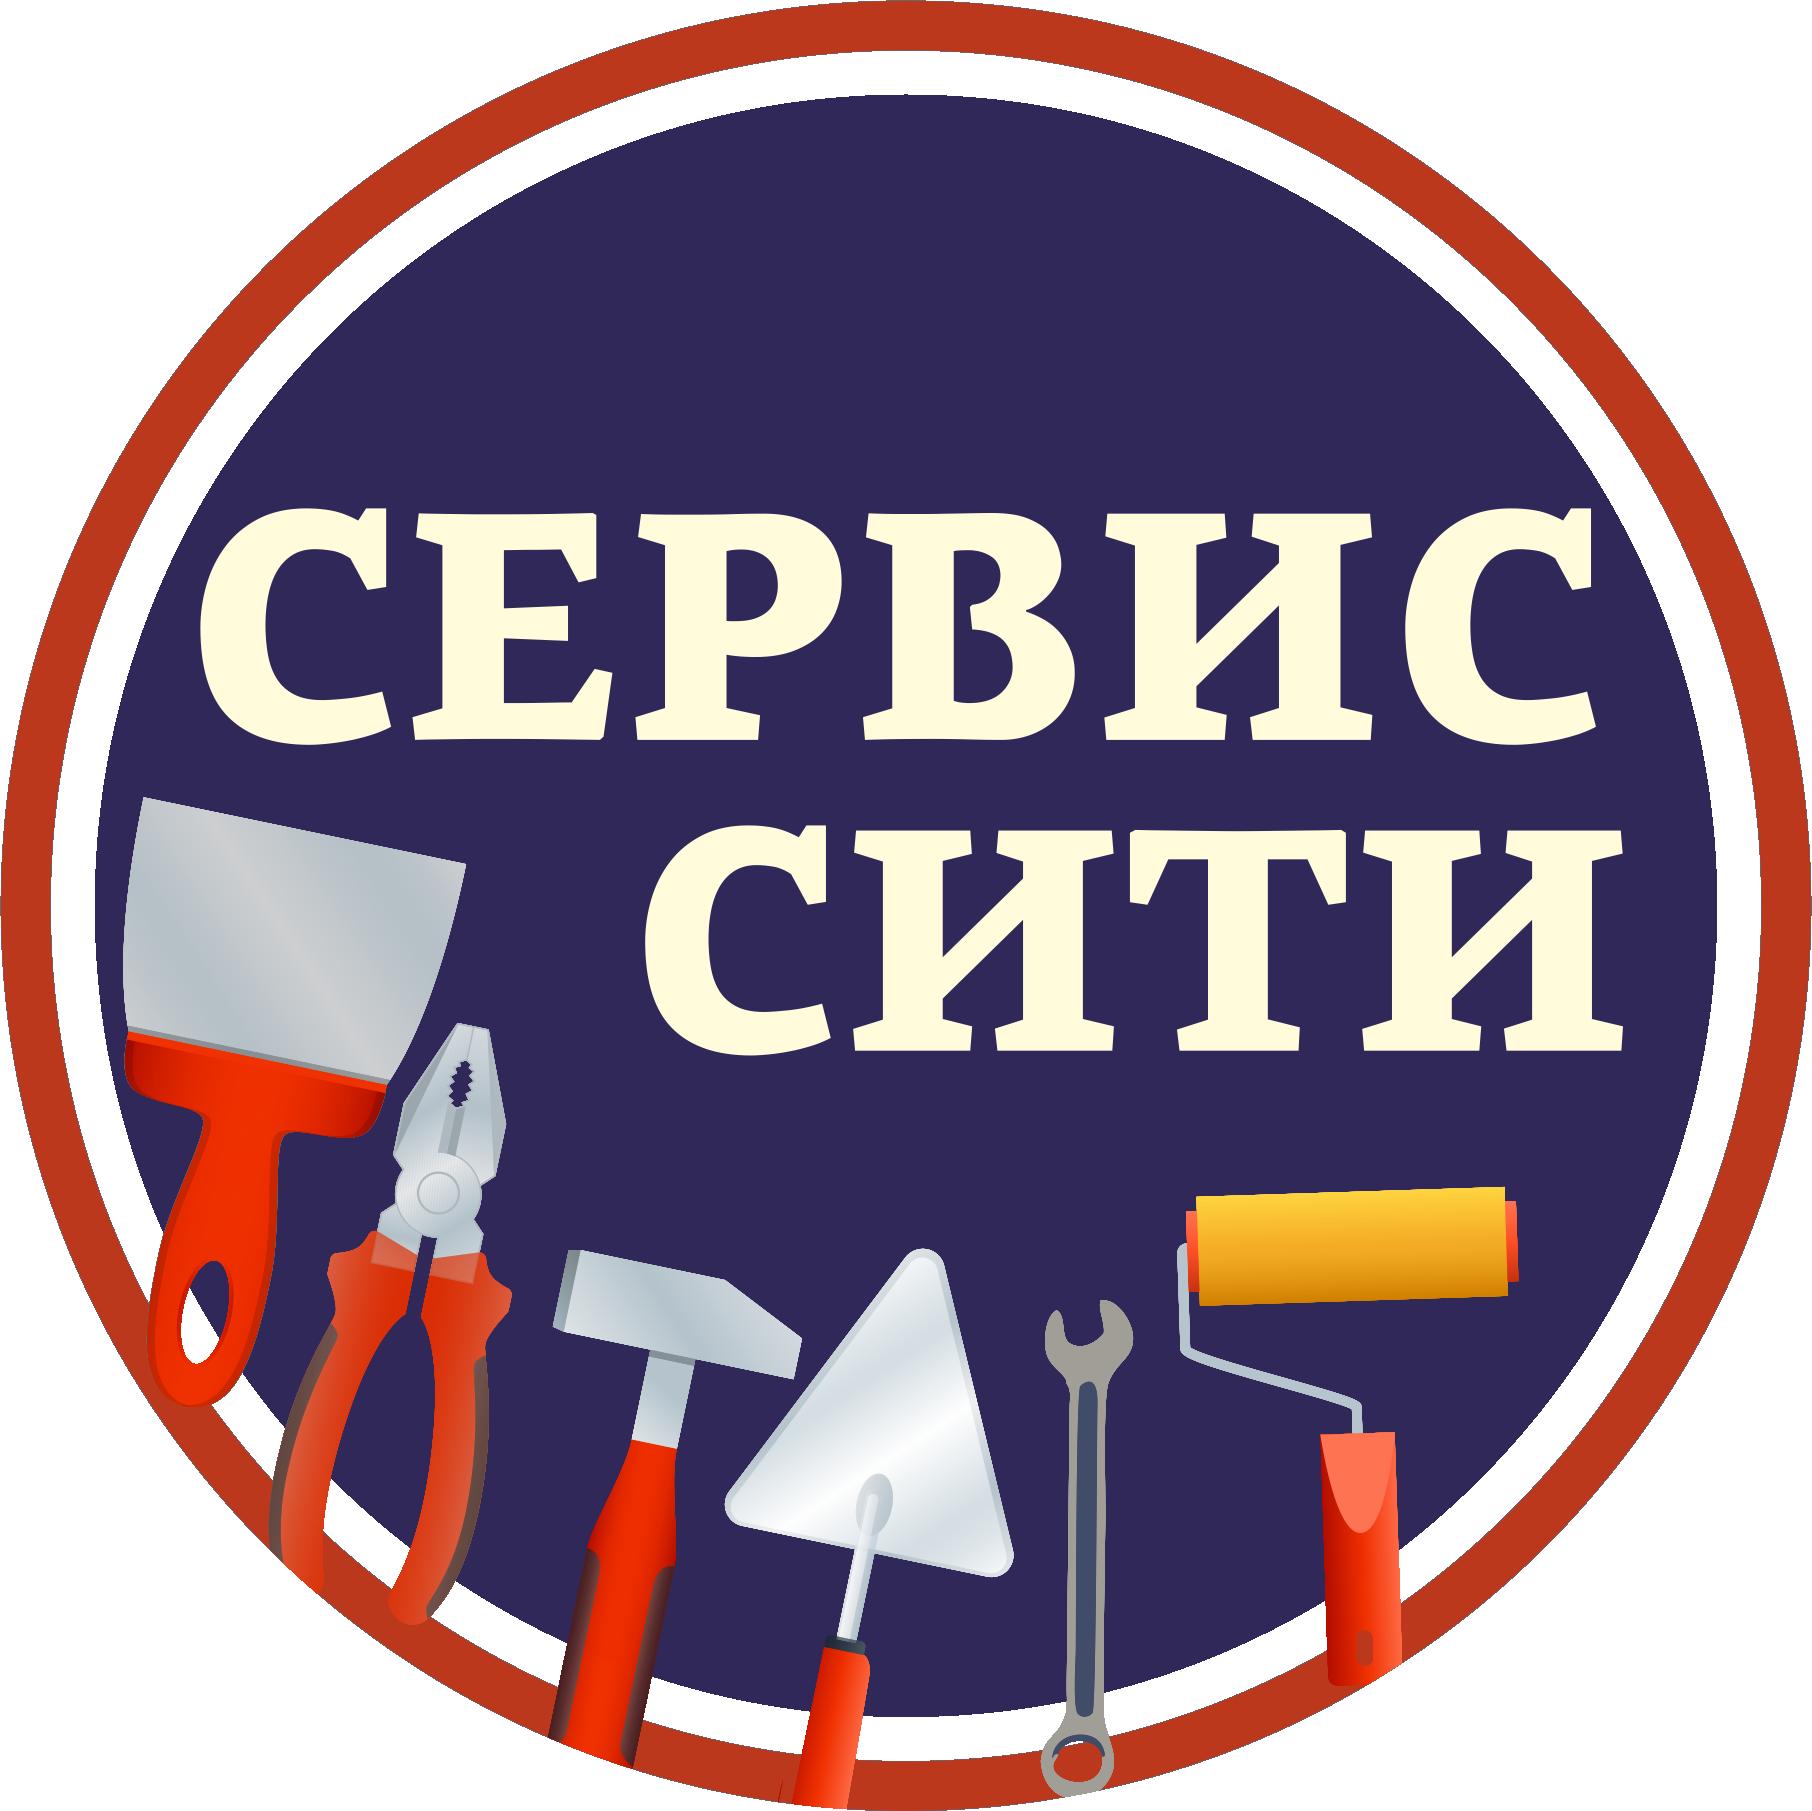 Сервис-Сити